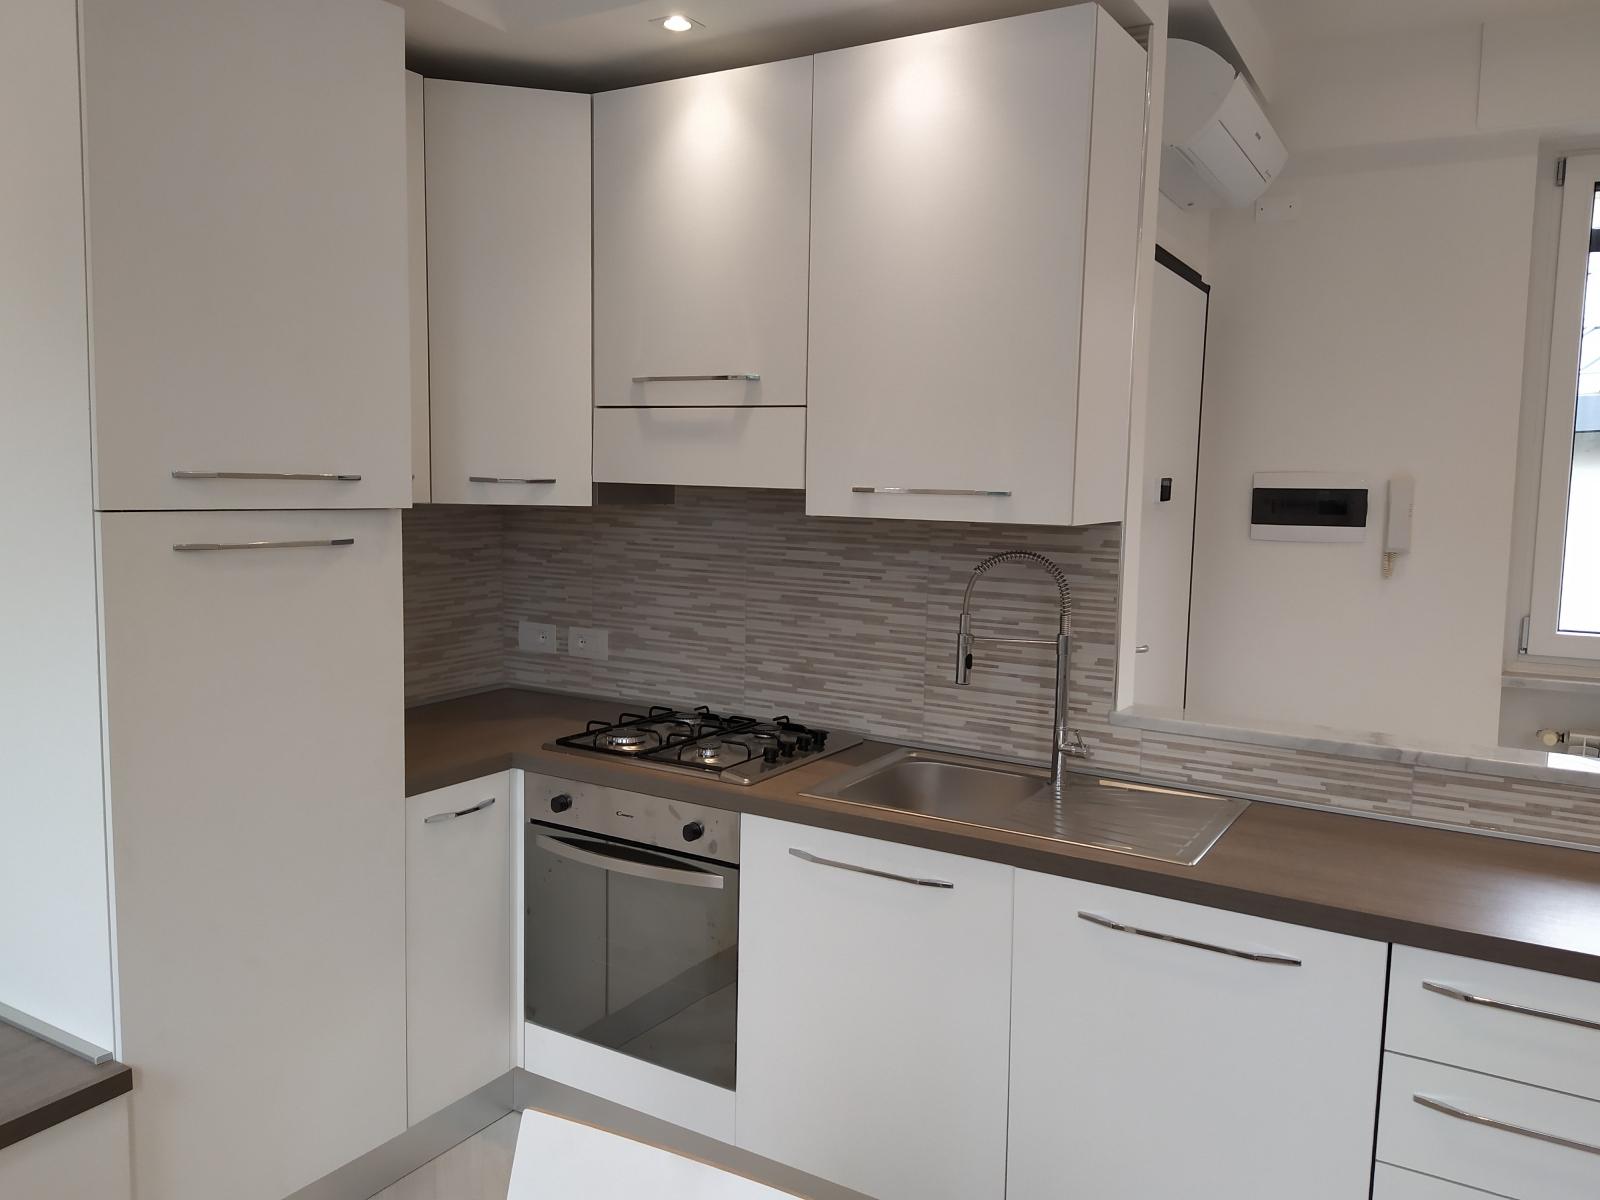 appartamento-in-vendita-milano-bovisa-piazza-dergano-3-locali-con-terrazzo-spaziourbano-immobiliare-vende-6